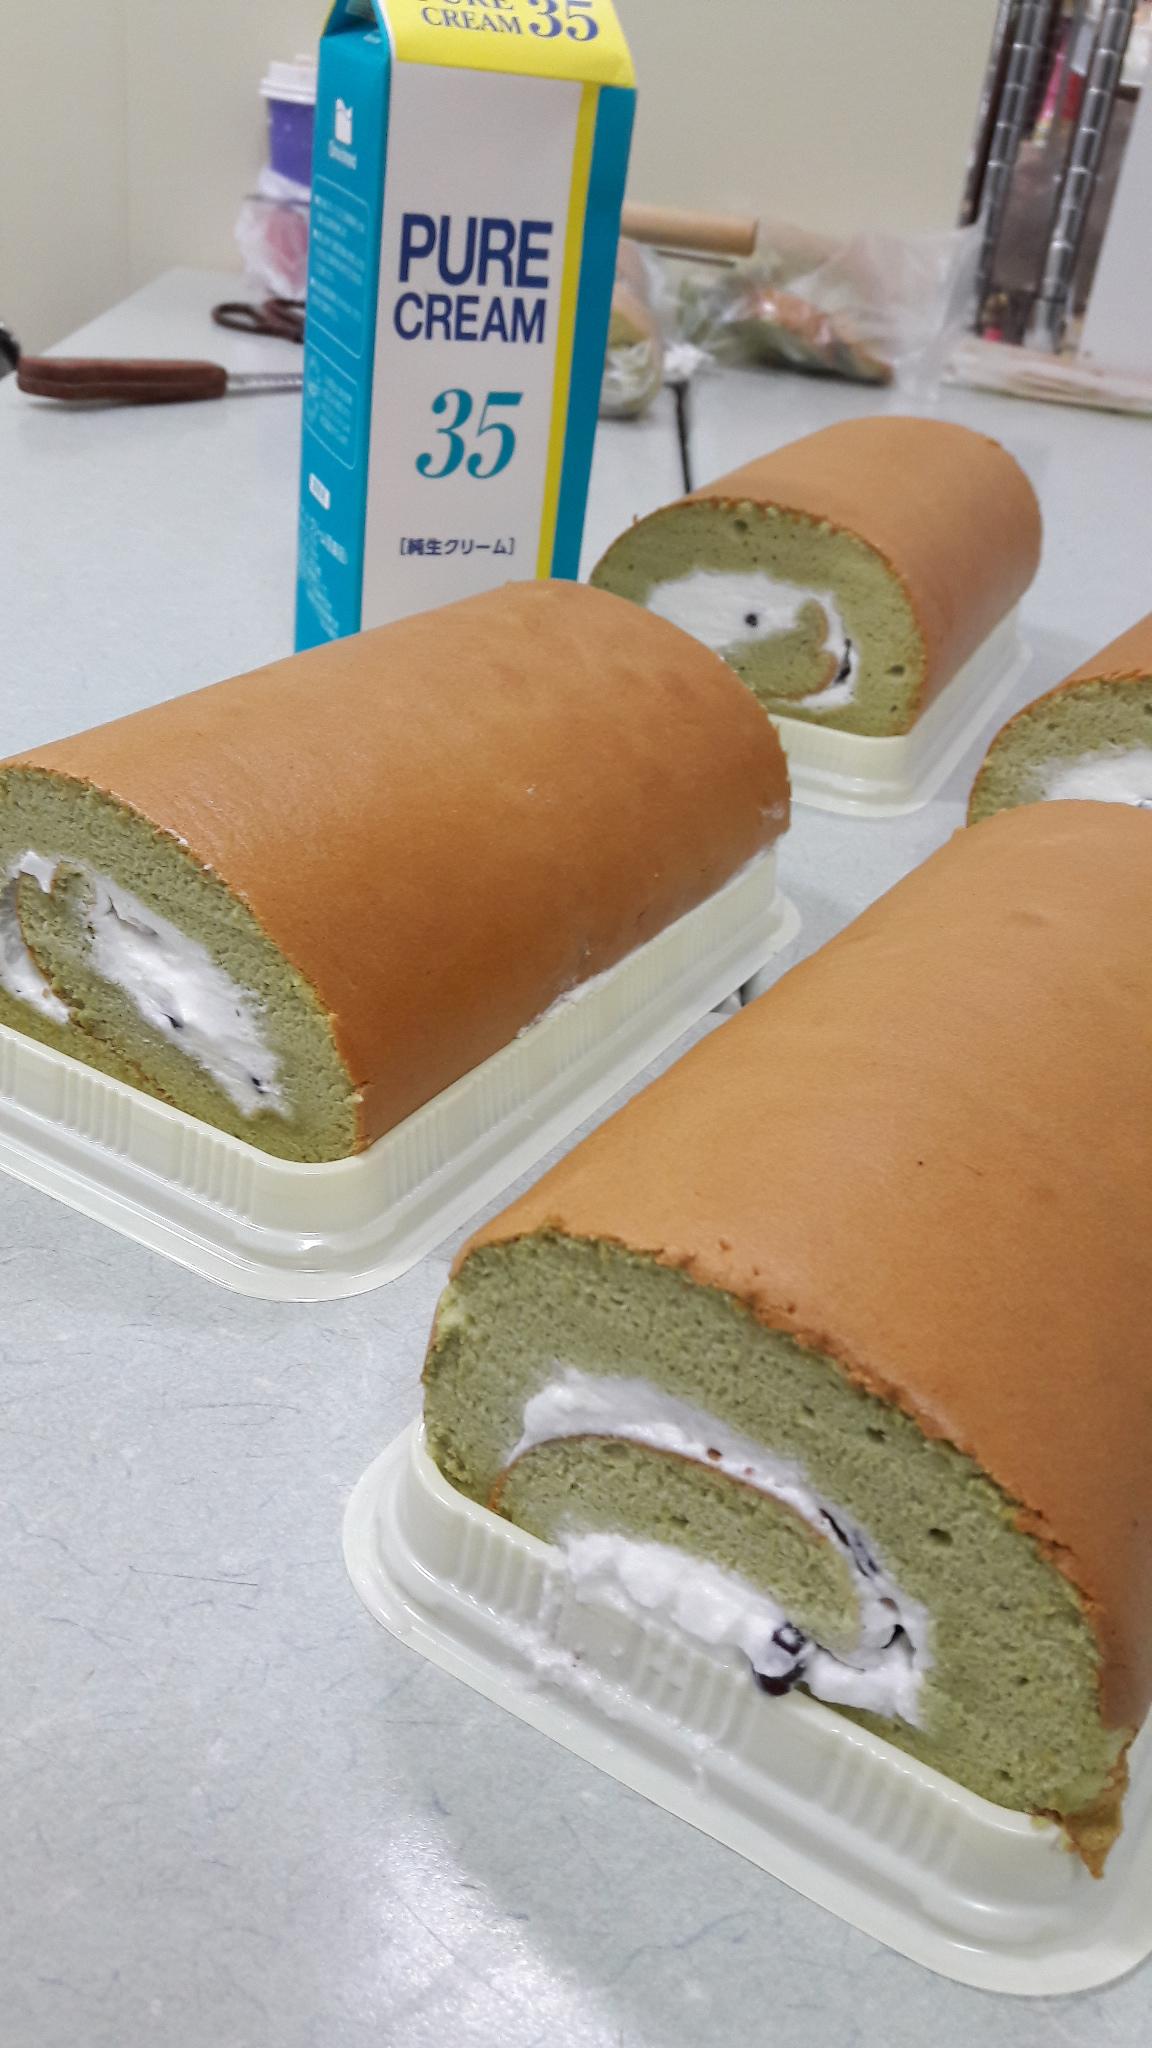 20161029 抹茶紅豆生乳卷蛋糕DIY課程  課程紀事